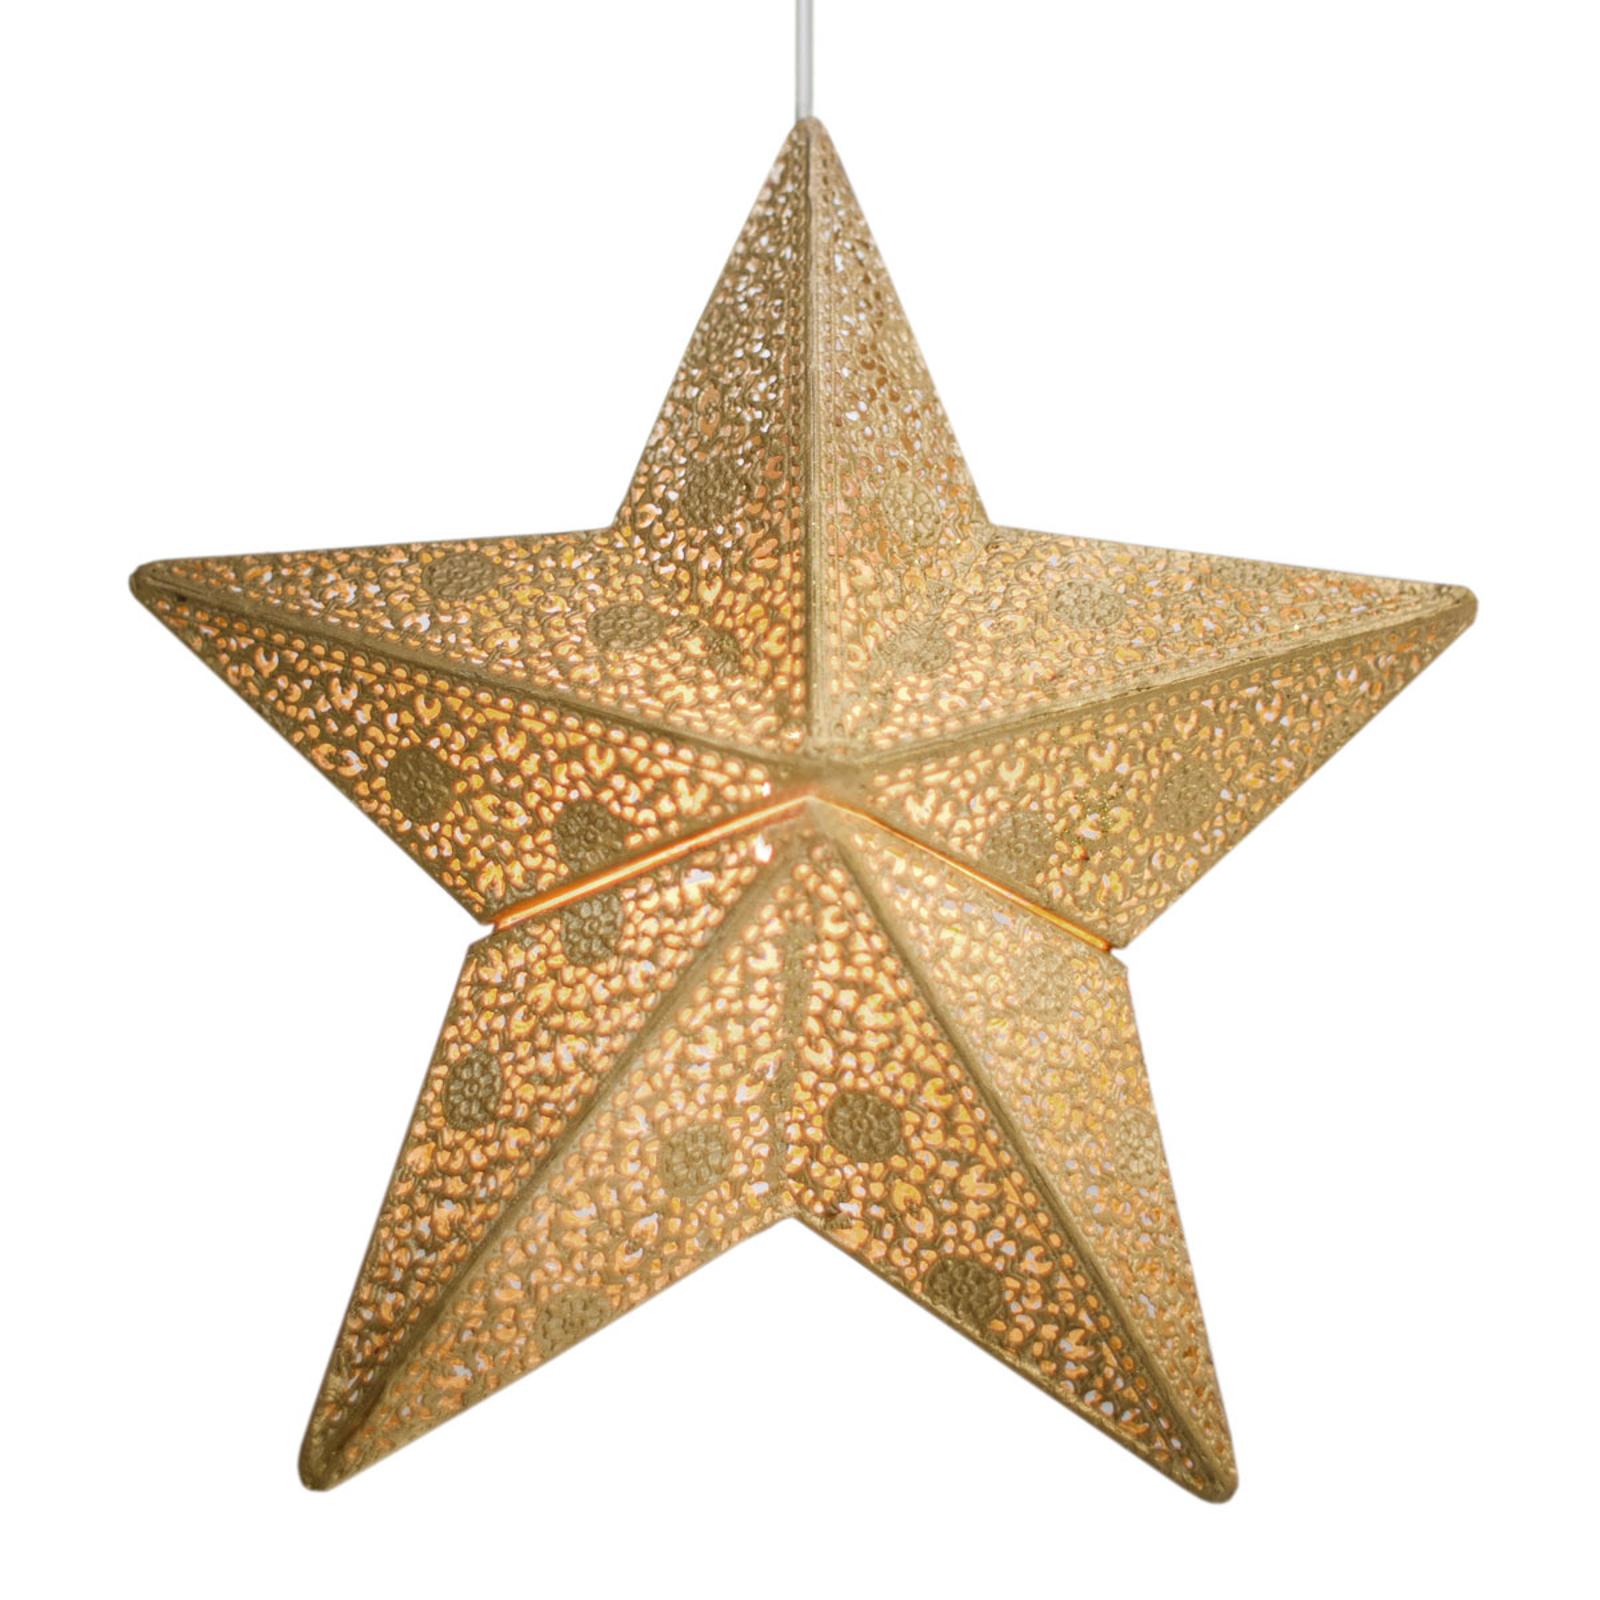 By Rydéns Etoile hänglampa, stjärna, 30 cm, guld